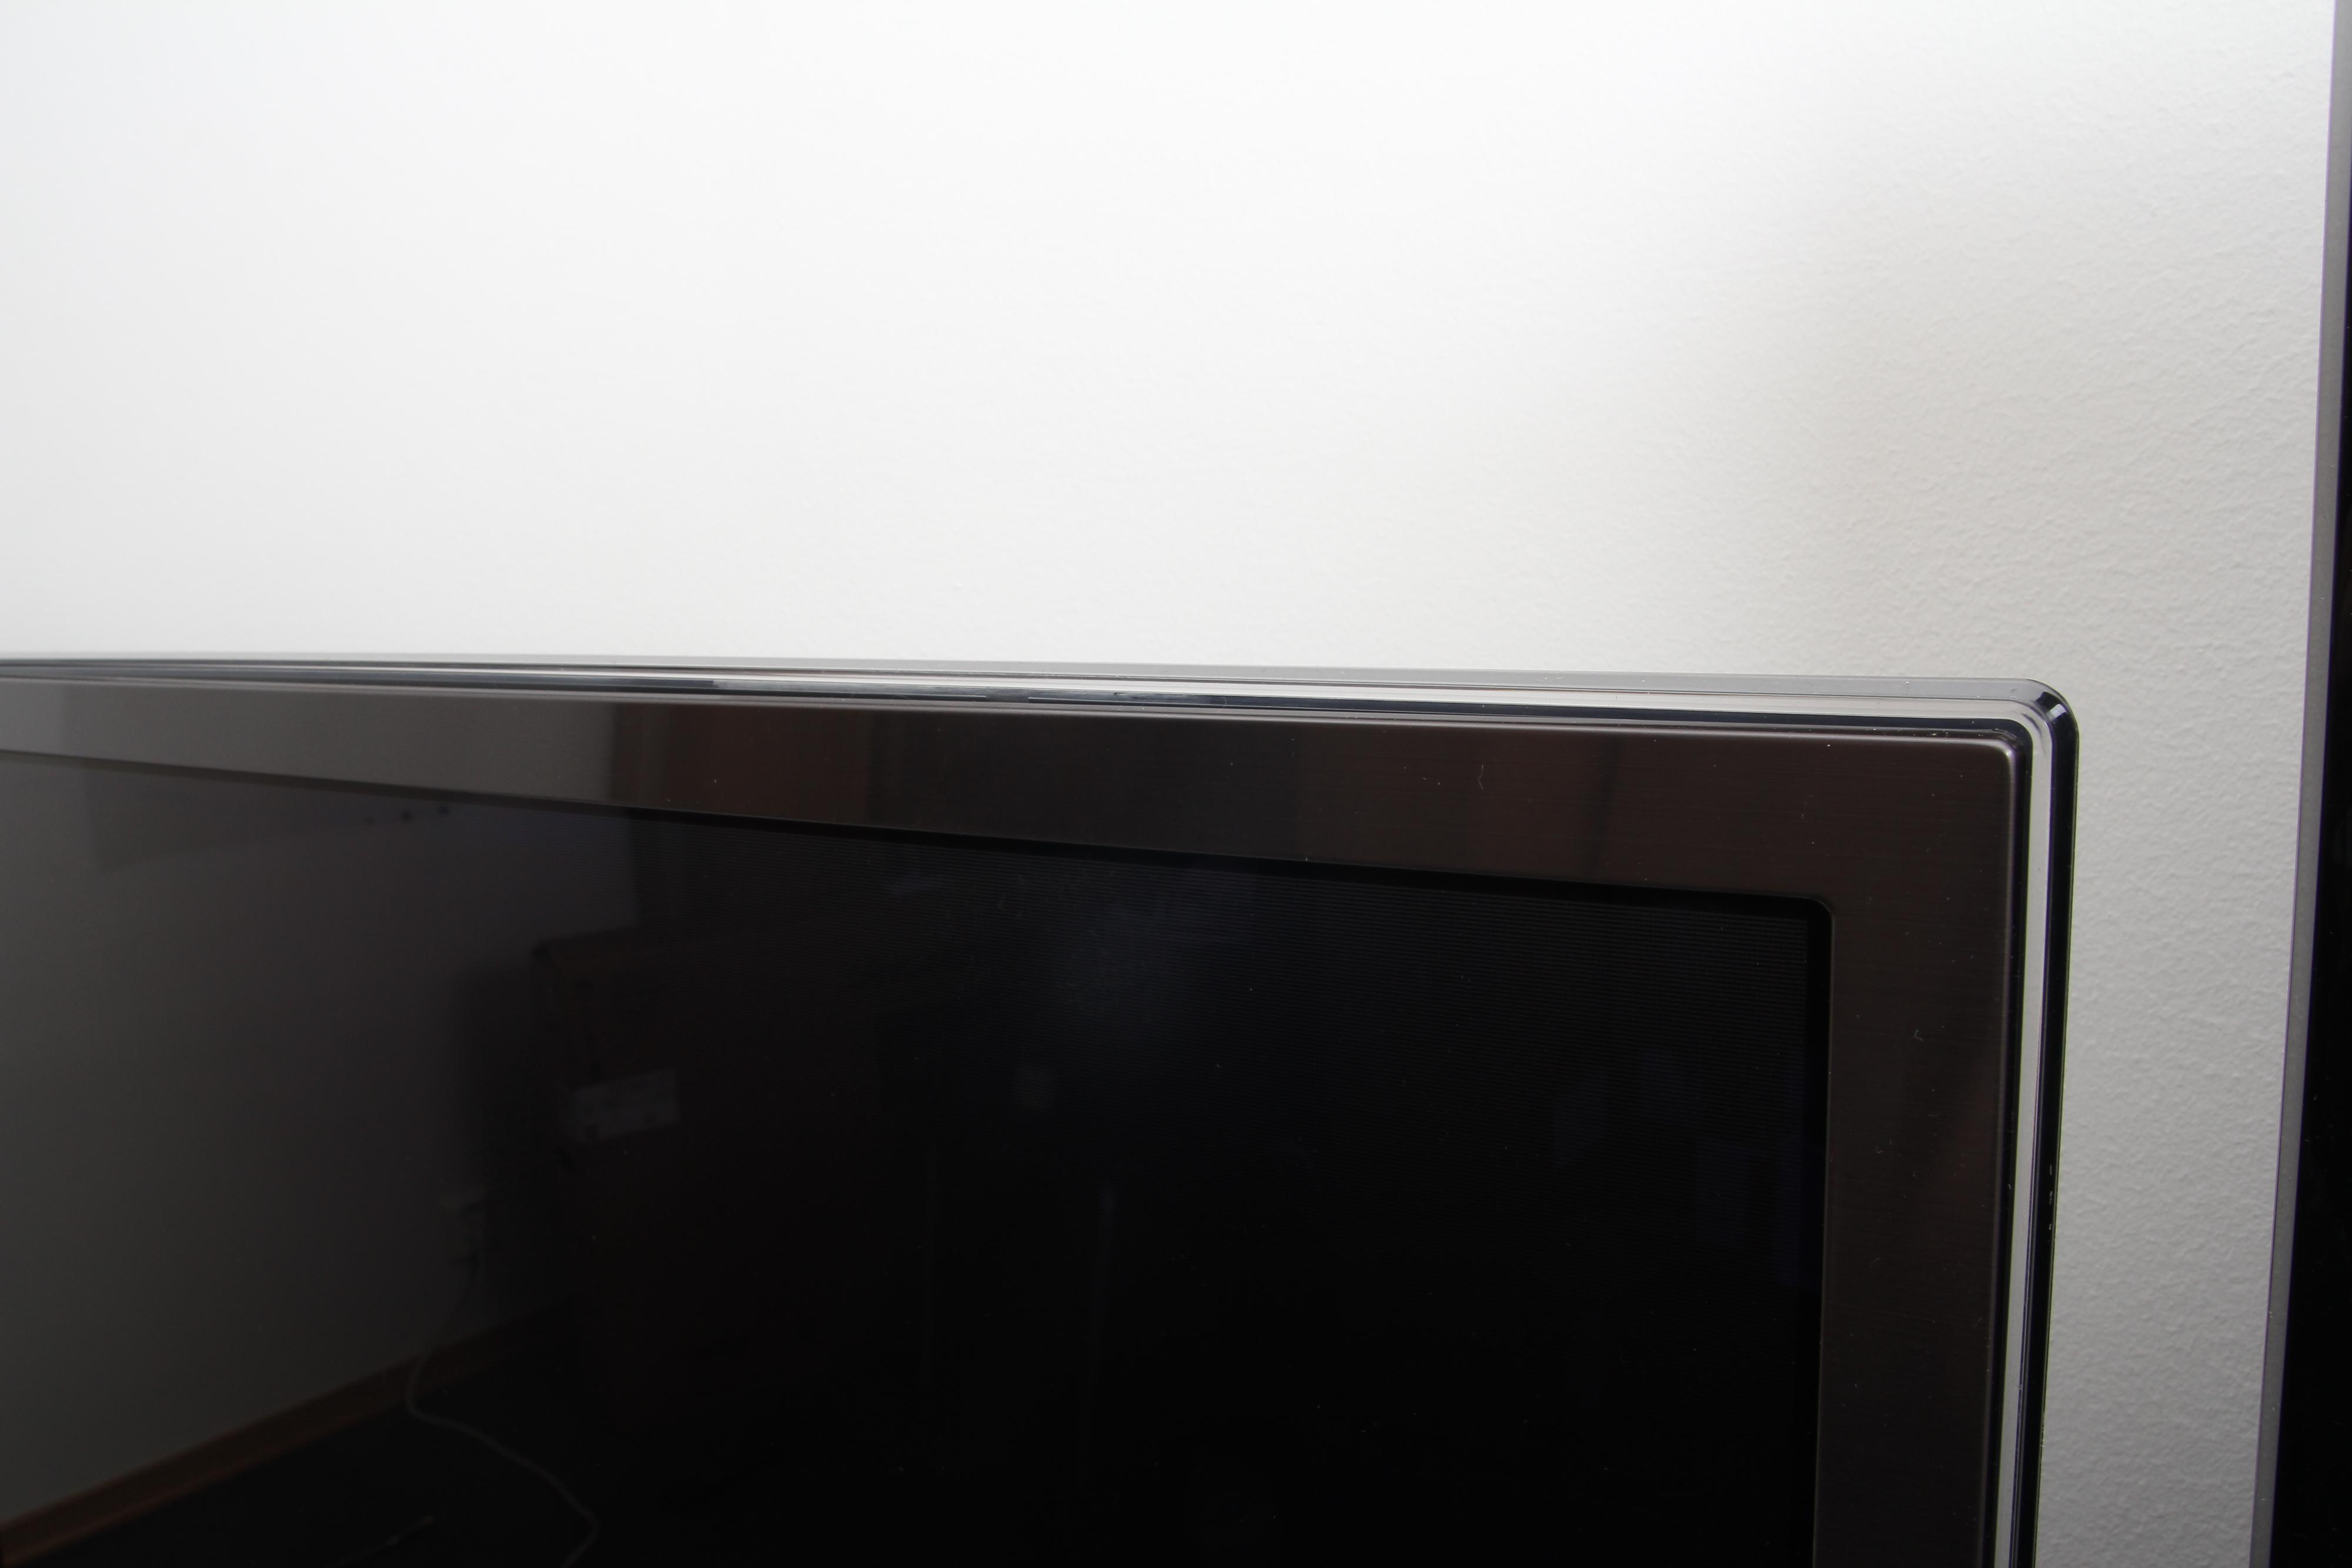 Rammen til TV-en